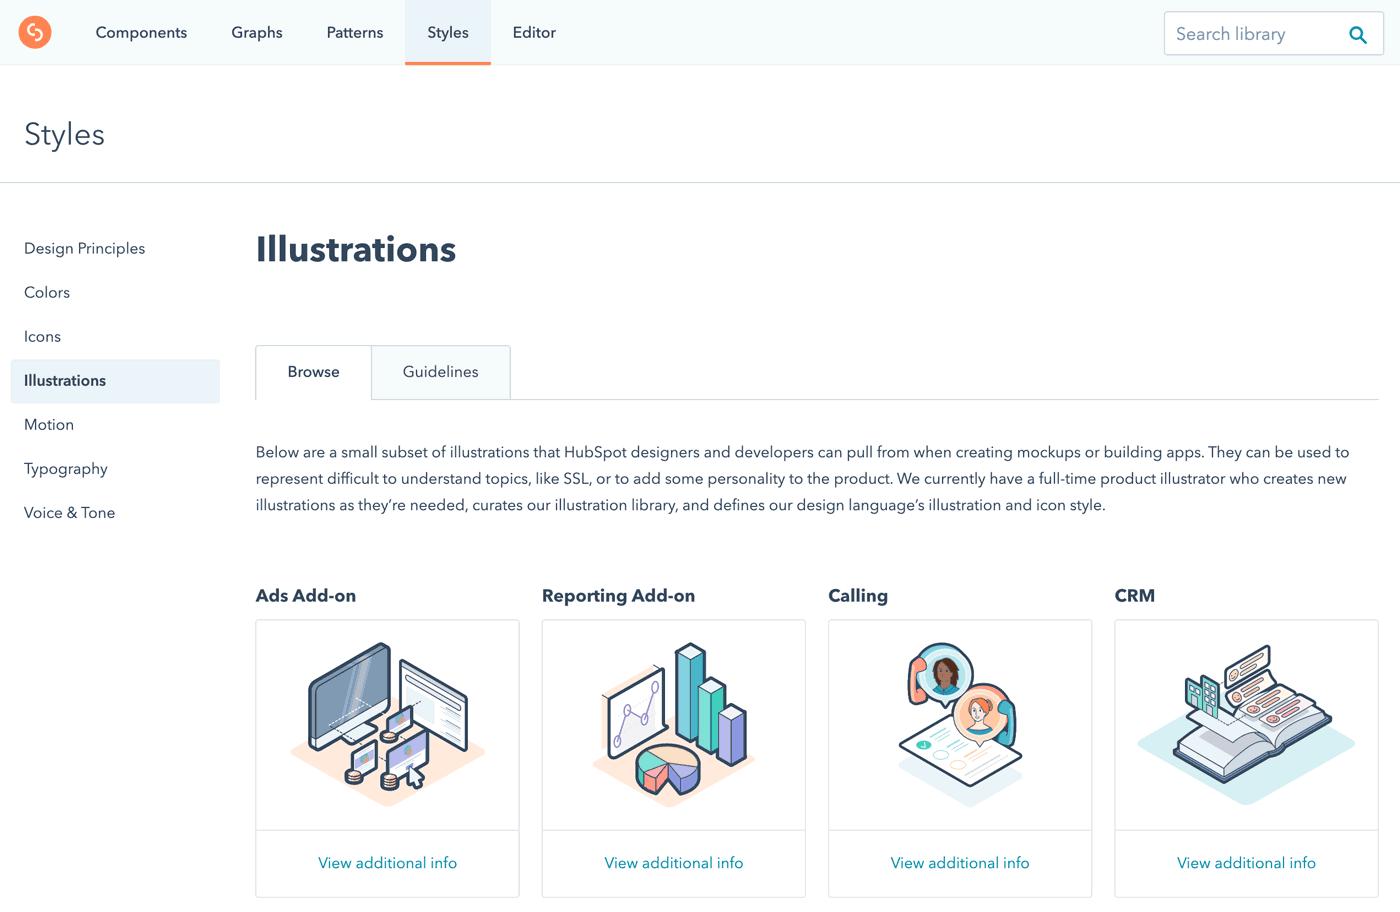 hubspot brand illustration guide